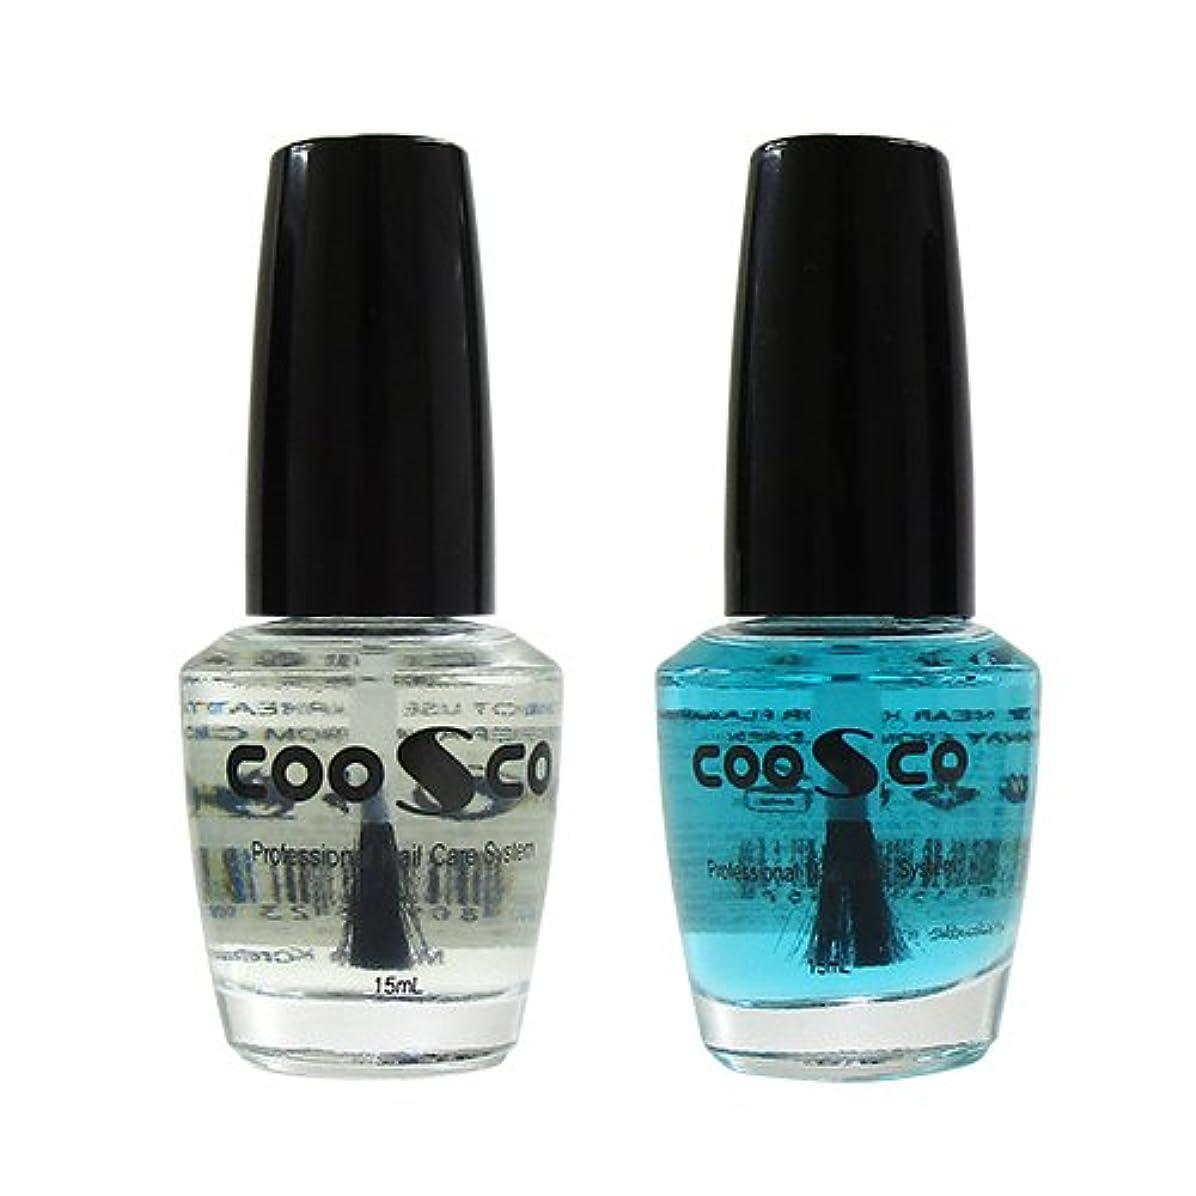 検証履歴書反対にチェスネイル用 CCトップコート×100個セット ※カラーは当店おまかせ! (COOSCO Professional Nail Care System CC Top Coat) 15mL